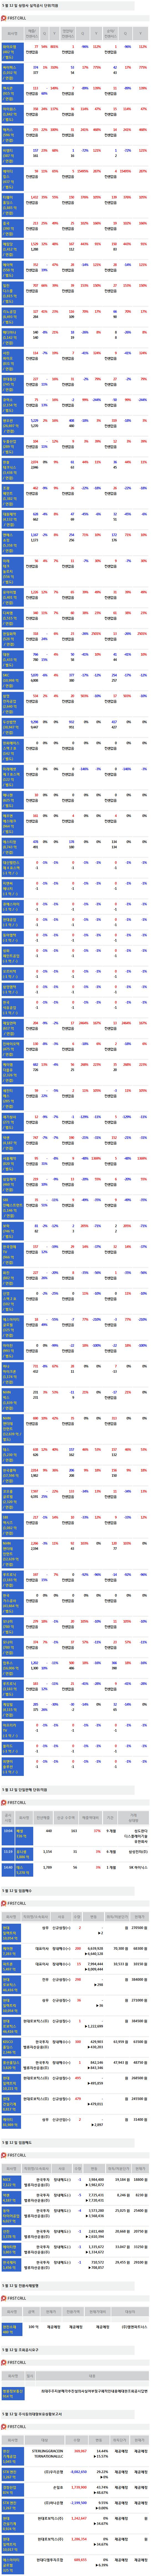 [주식정보]12일 상장사 공시현황